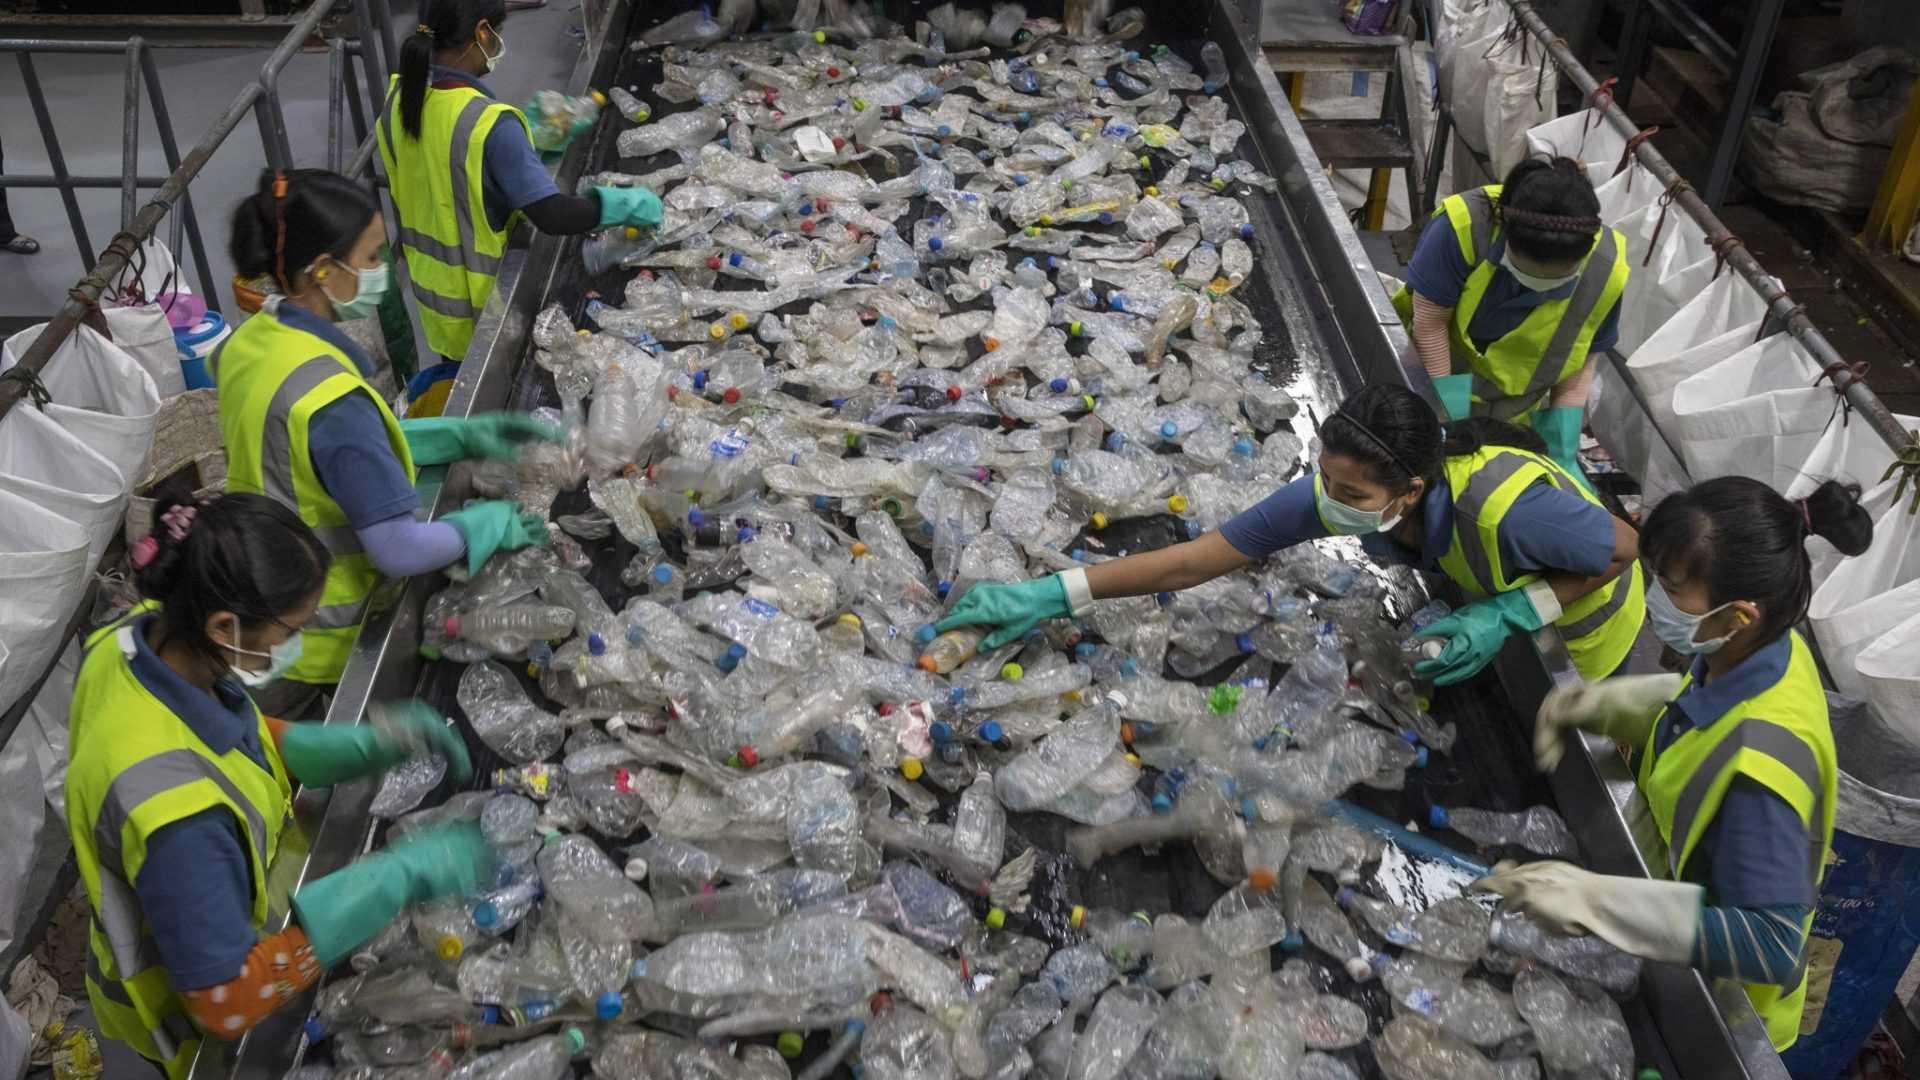 """Особенности проекта по сбору вещей и отходов """"Собиратор"""""""